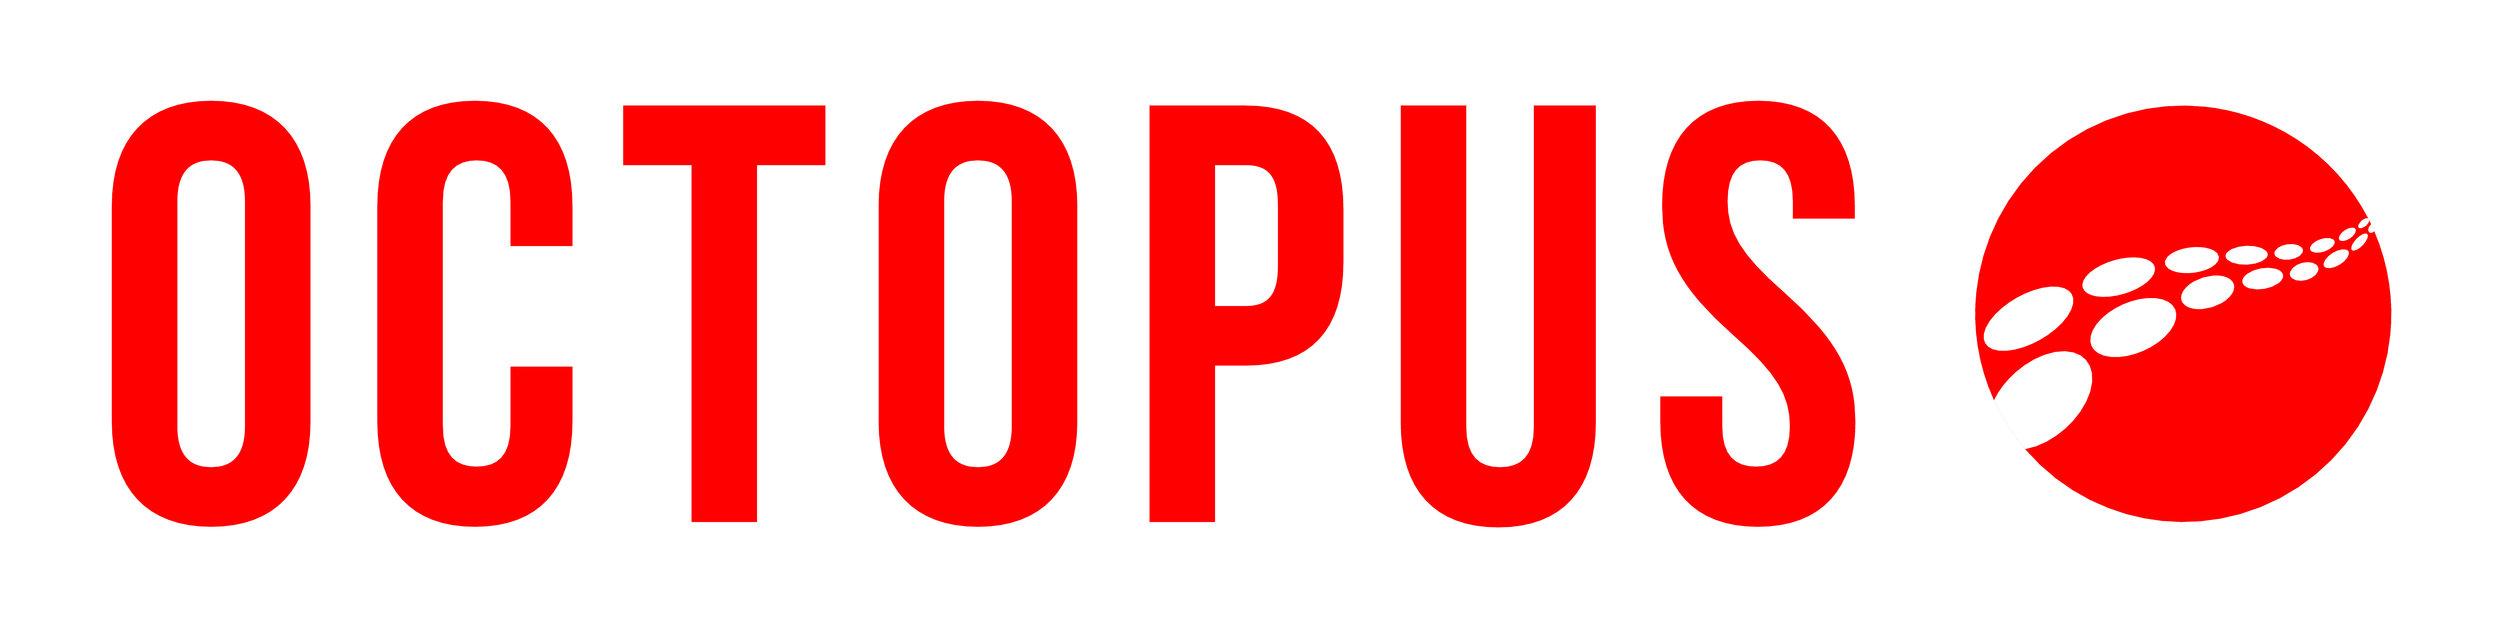 LOGO OCTOPUS-01.jpg